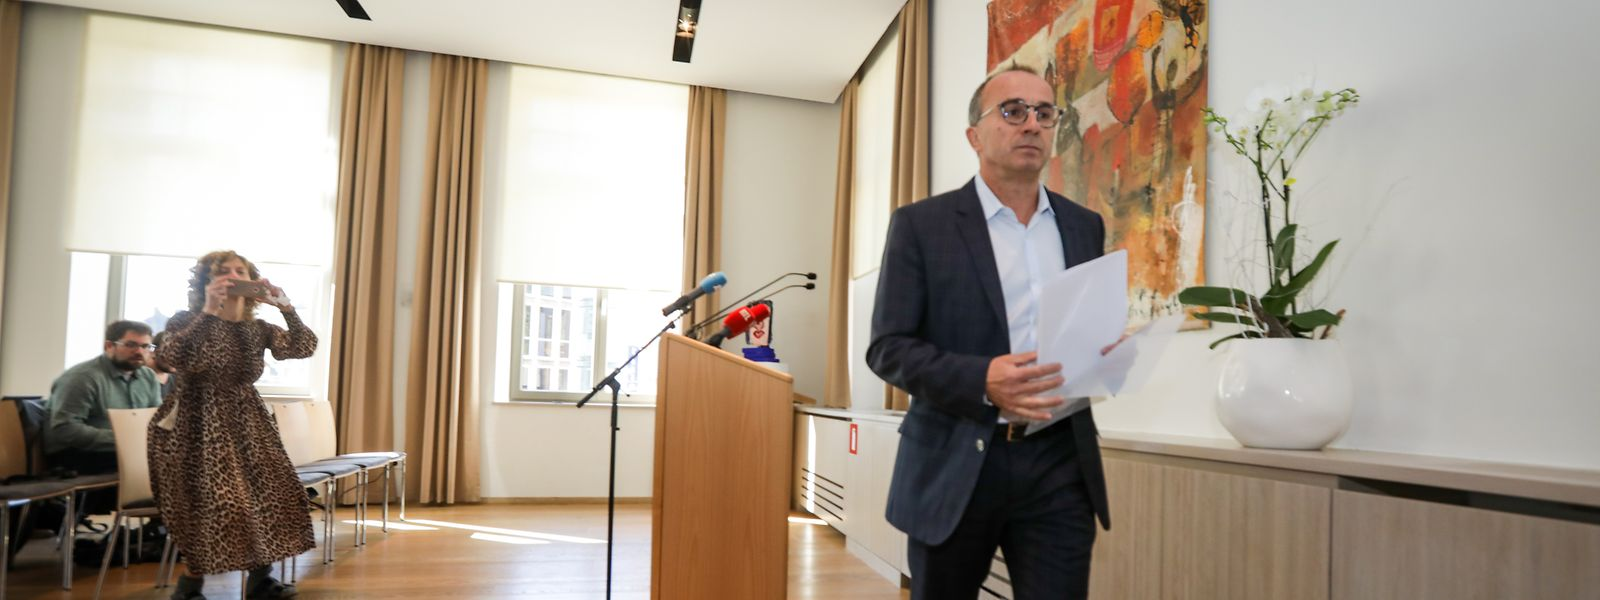 Sans même attendre l'annonce de la Justice, Roberto Traversini a démissionné ce matin.